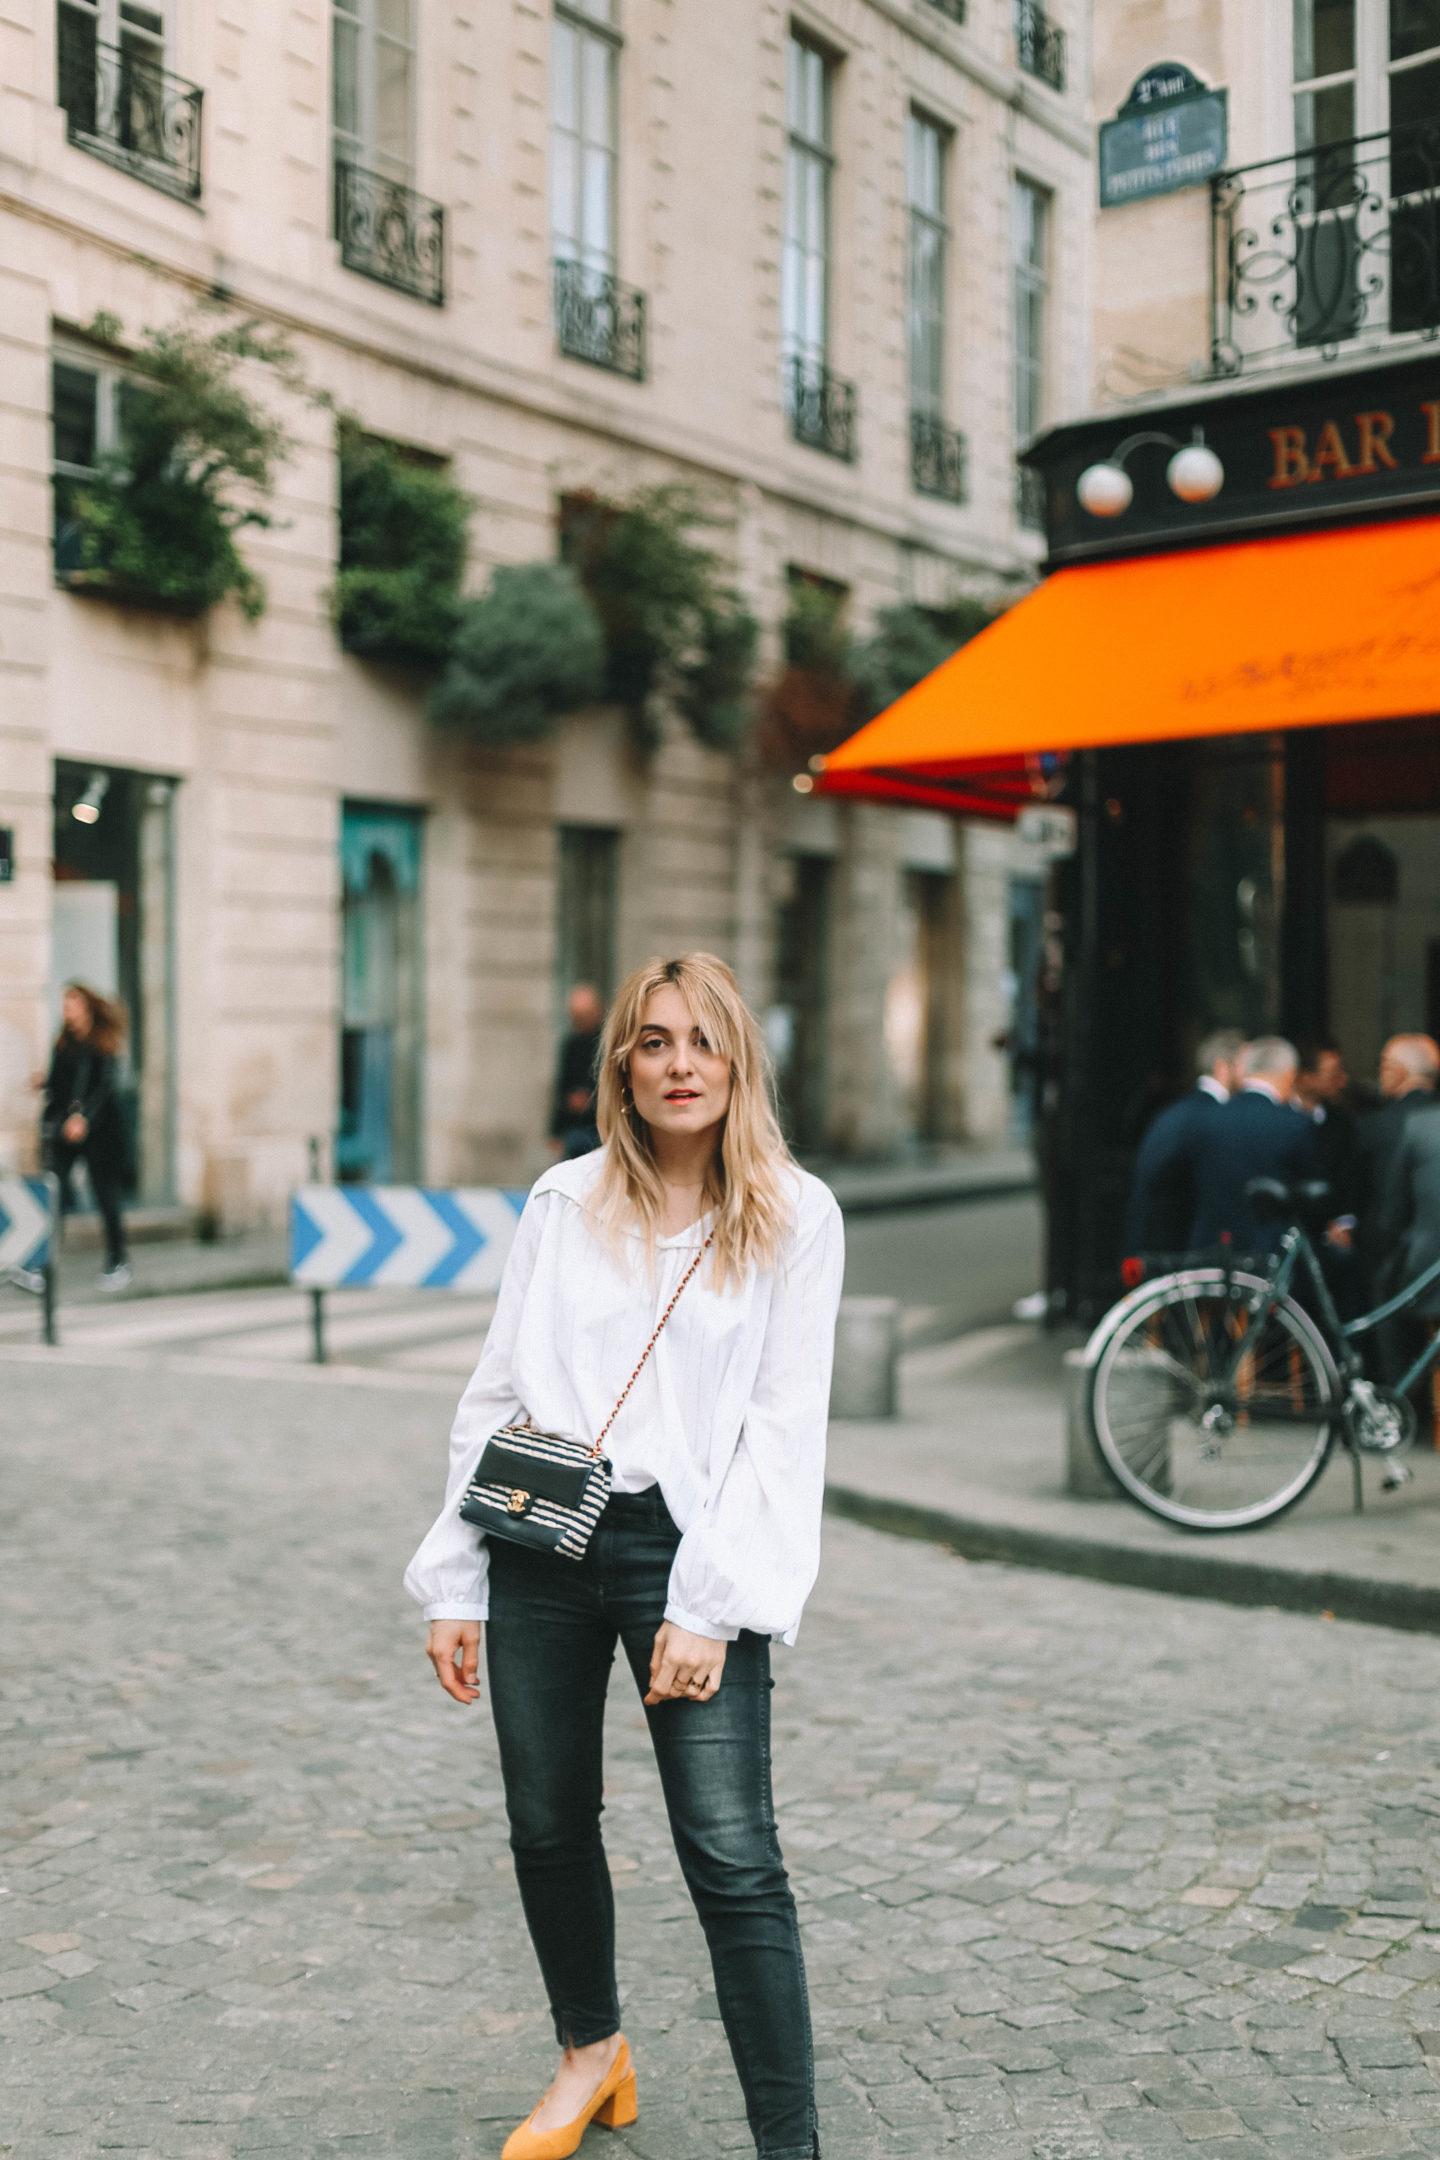 Jeans Reiko - Blondie Baby blog mode Paris et voyages